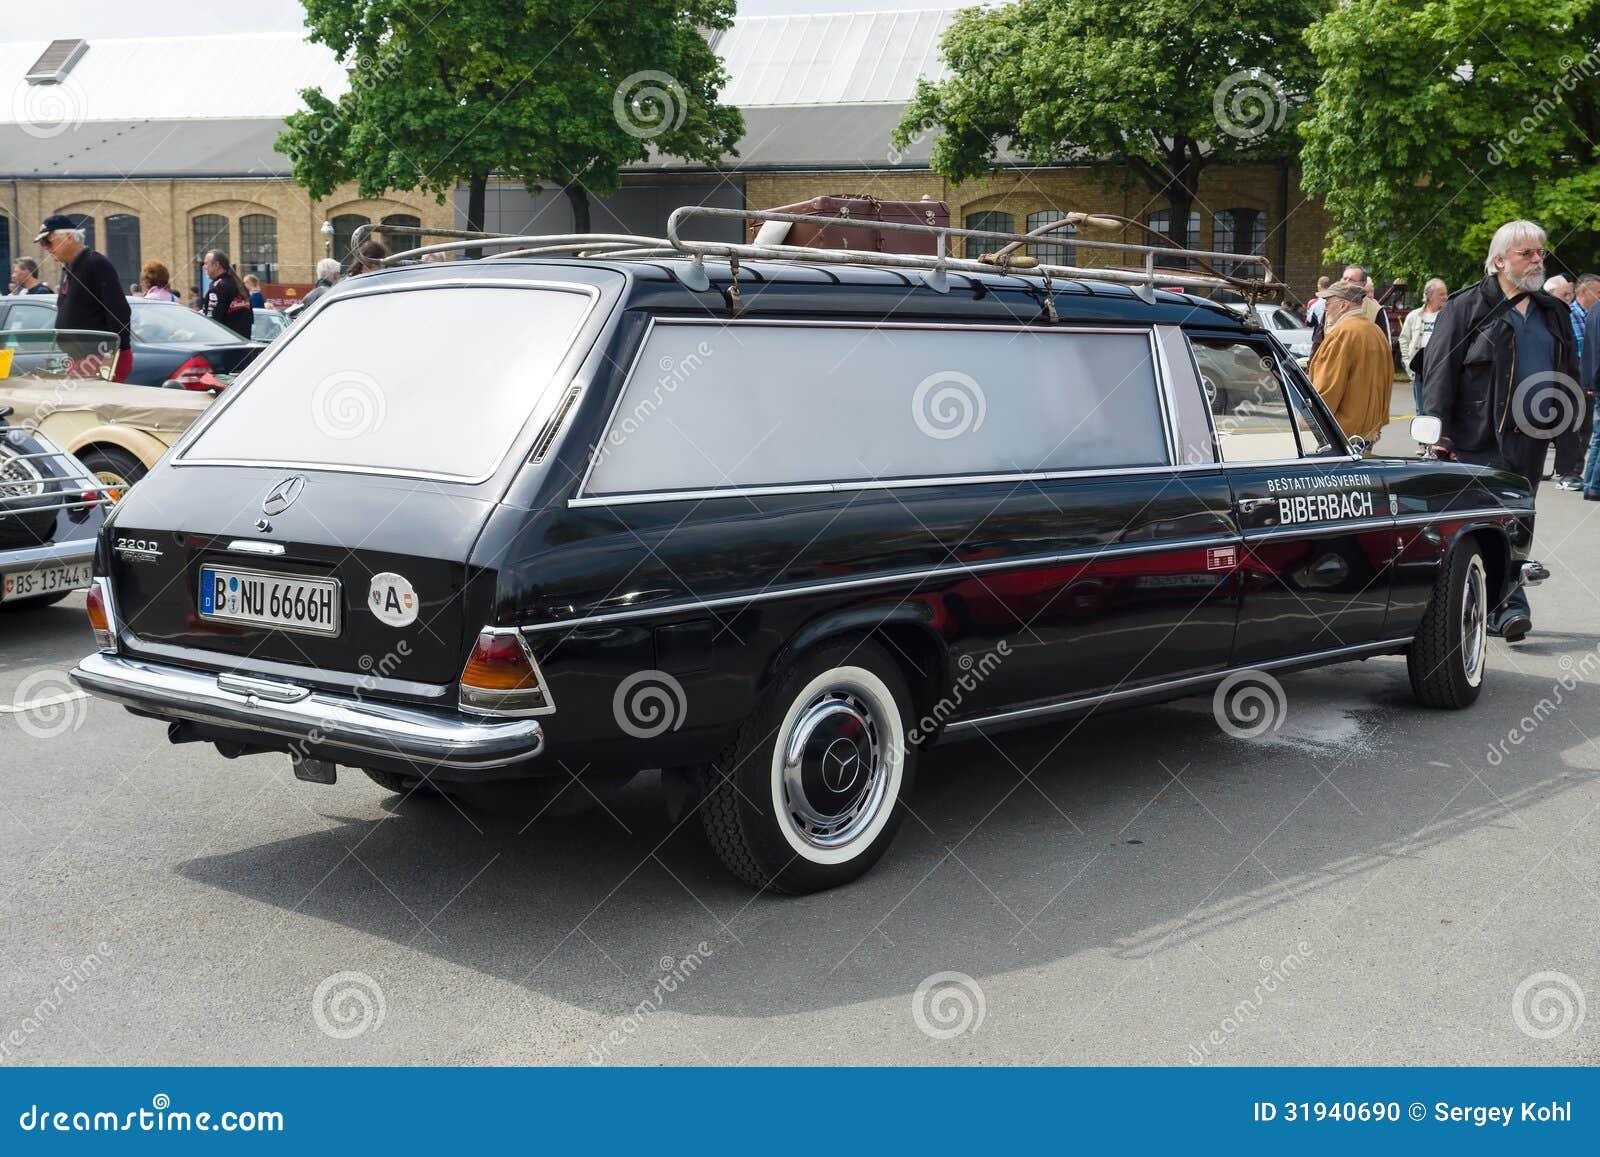 east german car